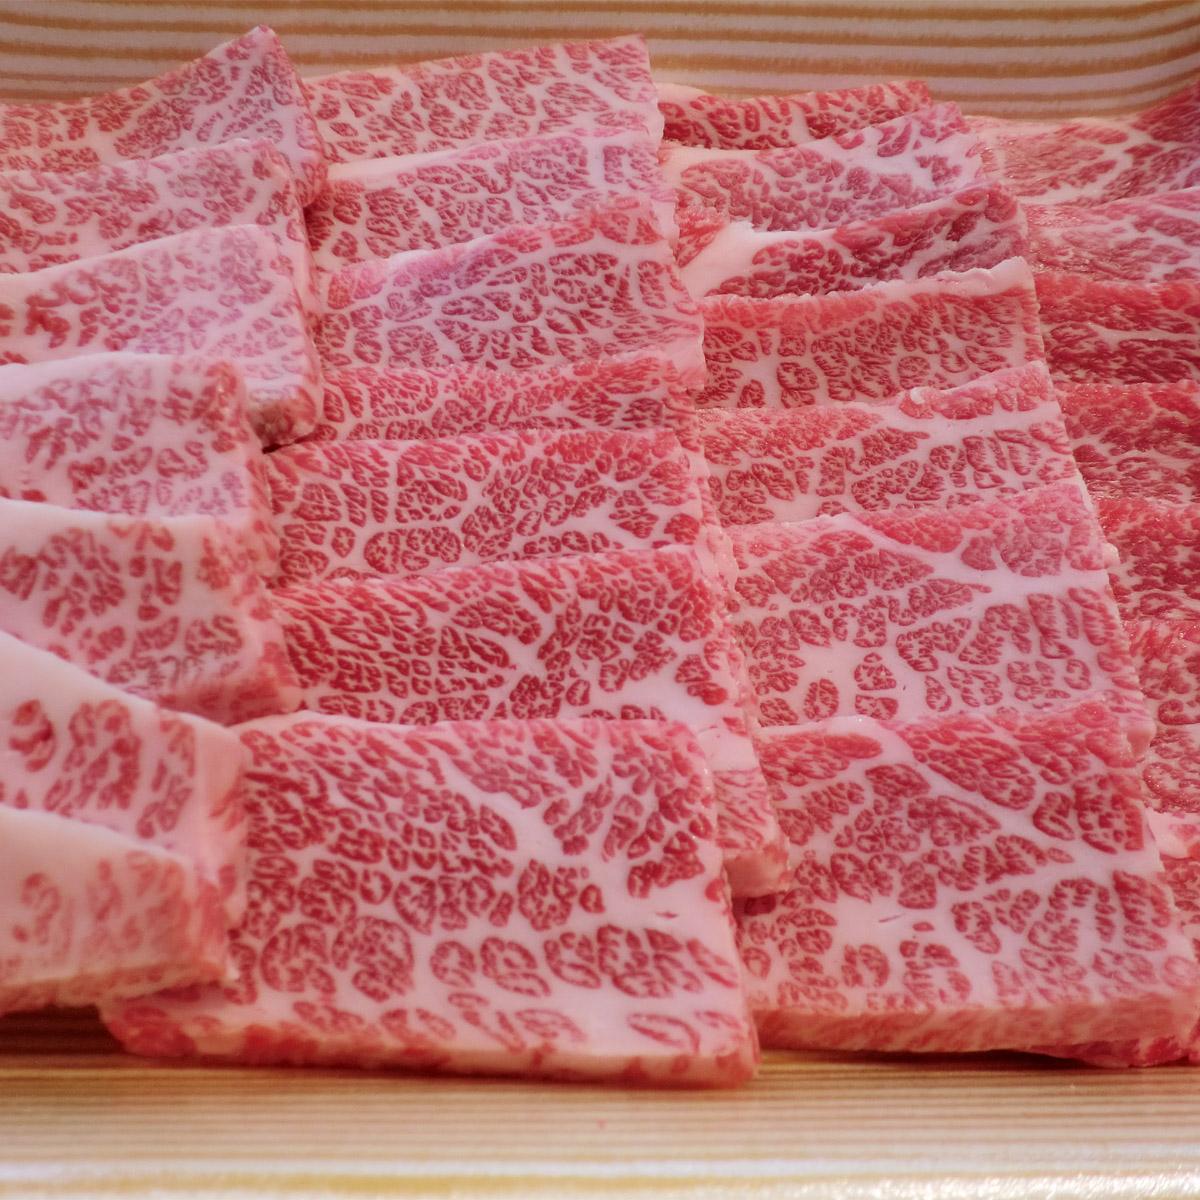 【ふるさと納税】日光高原牛特撰牛カルビ焼肉用500g入